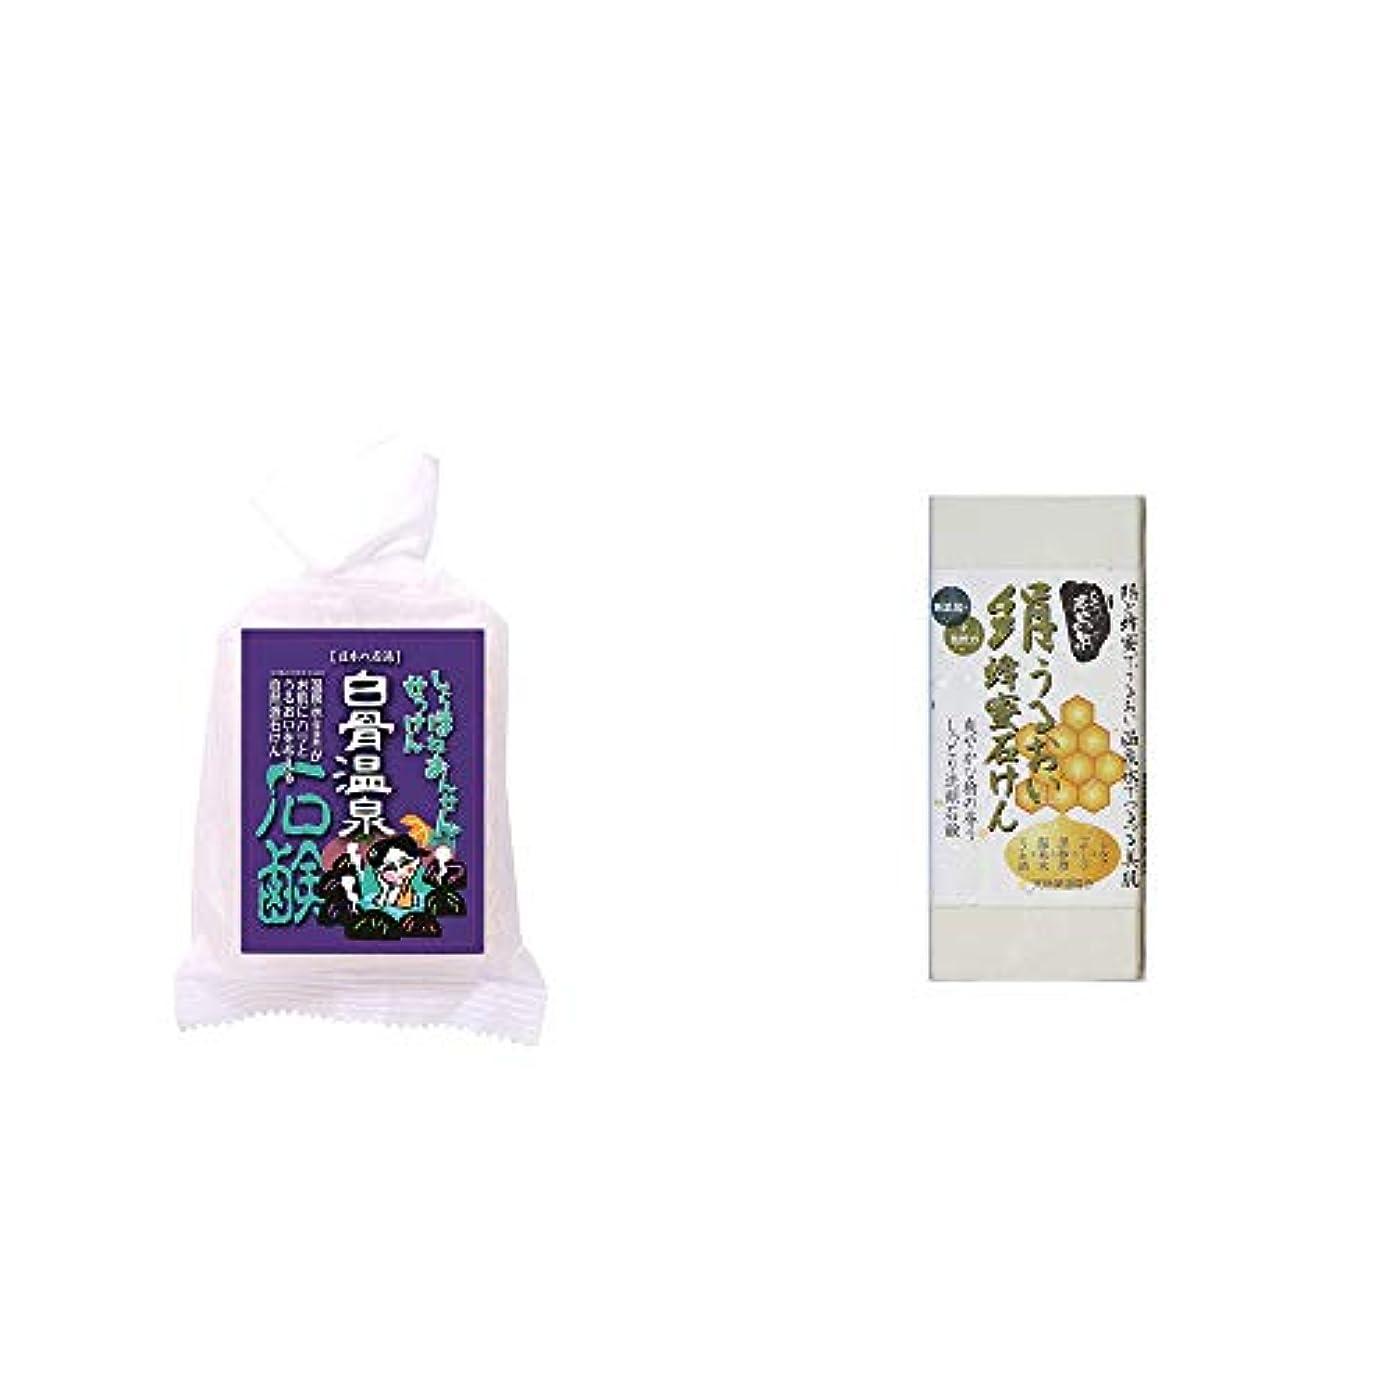 交じる指登る[2点セット] 信州 白骨温泉石鹸(80g)?ひのき炭黒泉 絹うるおい蜂蜜石けん(75g×2)